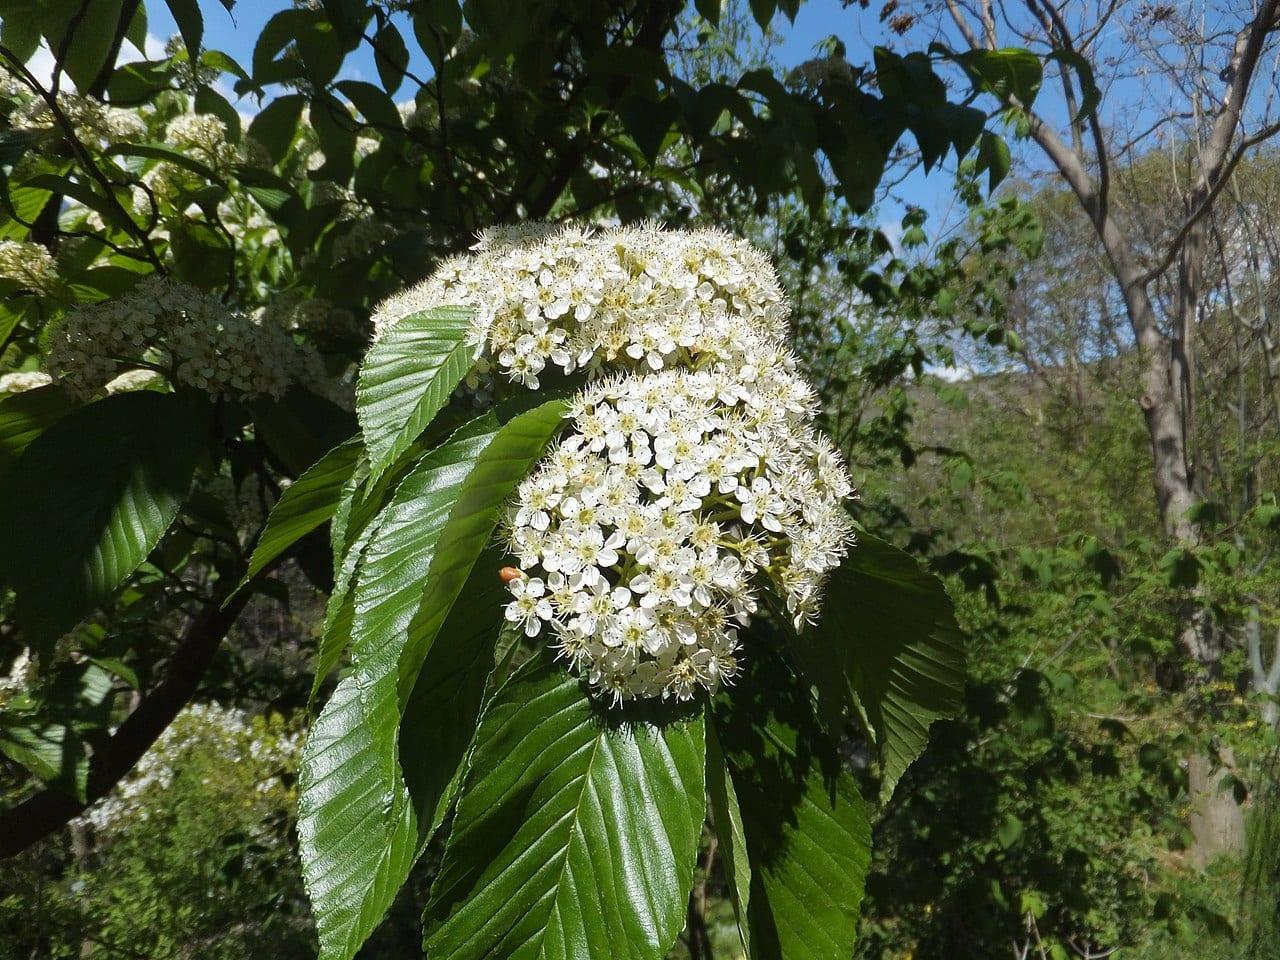 Las flores del Prunus serotina son blancas